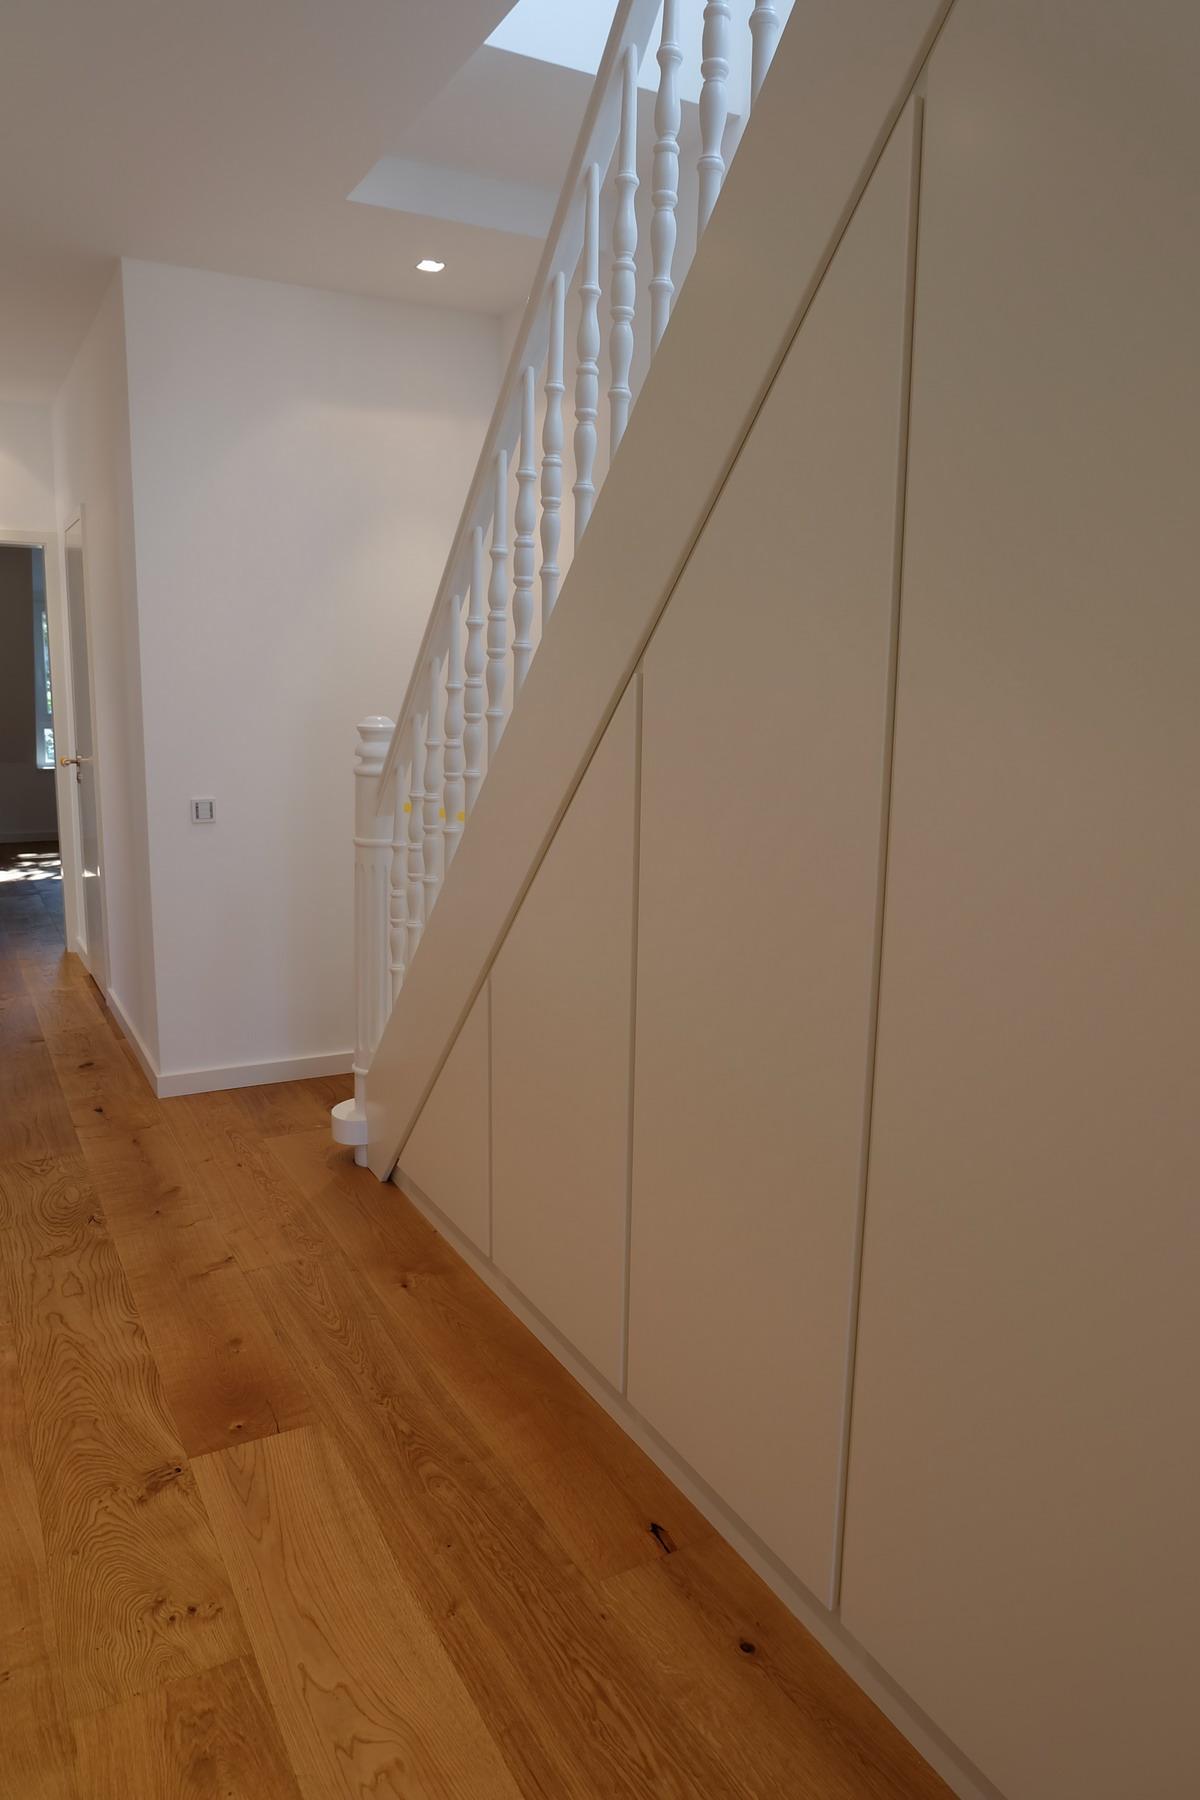 Küche, Boden, Schrank Eiche & Lack 7